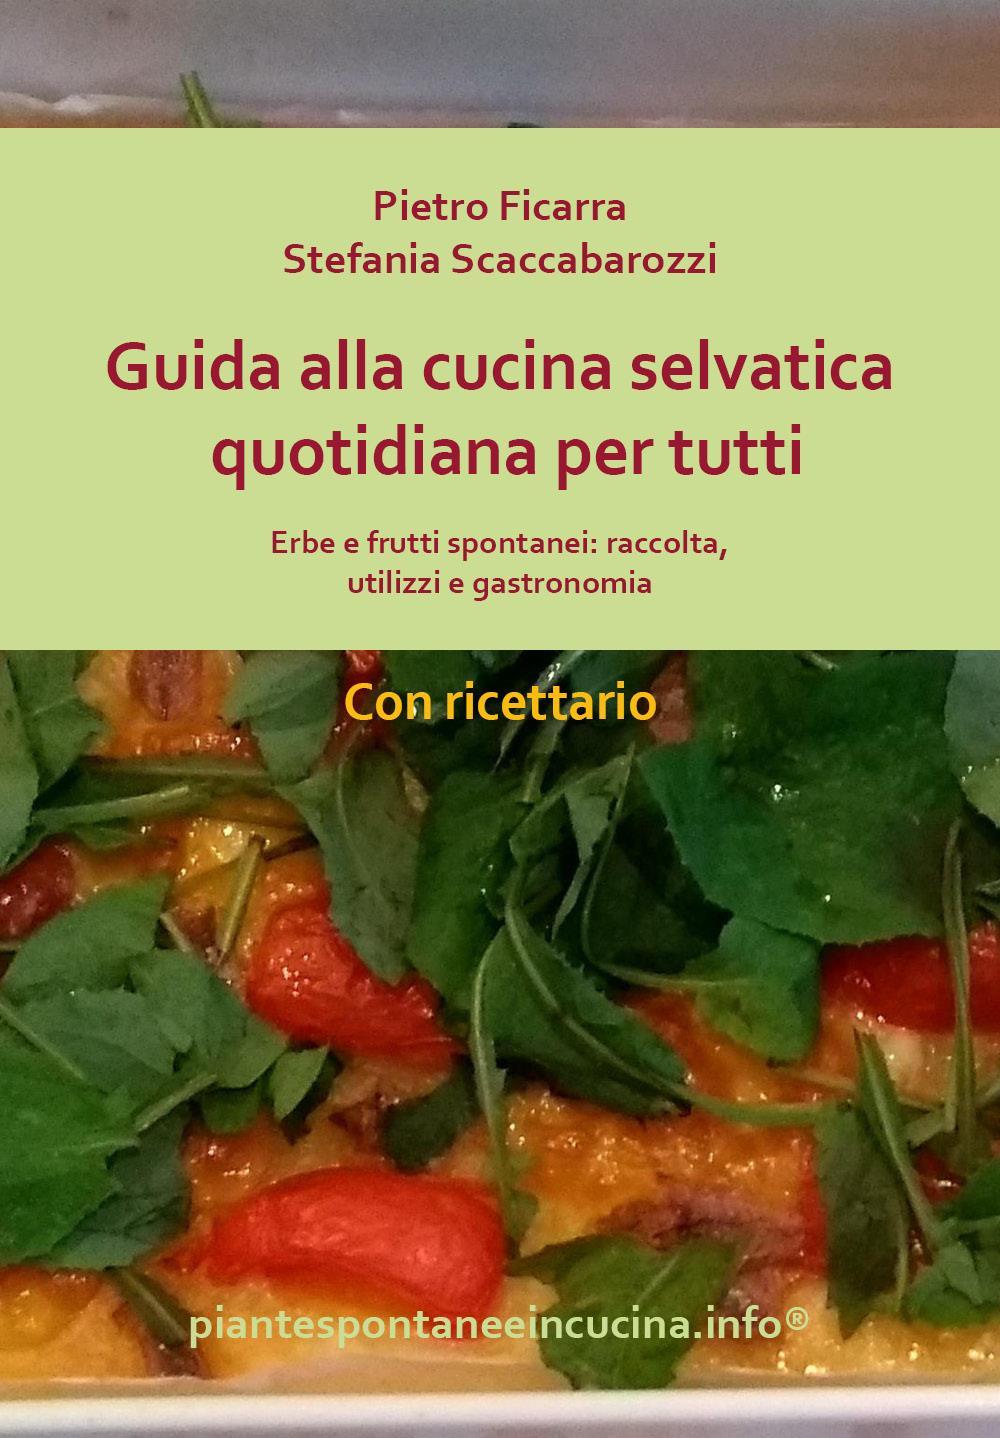 Guida alla cucina selvatica quotidiana per tutti. Erbe e frutti spontanei: raccolta, utilizzi e gastronomia.